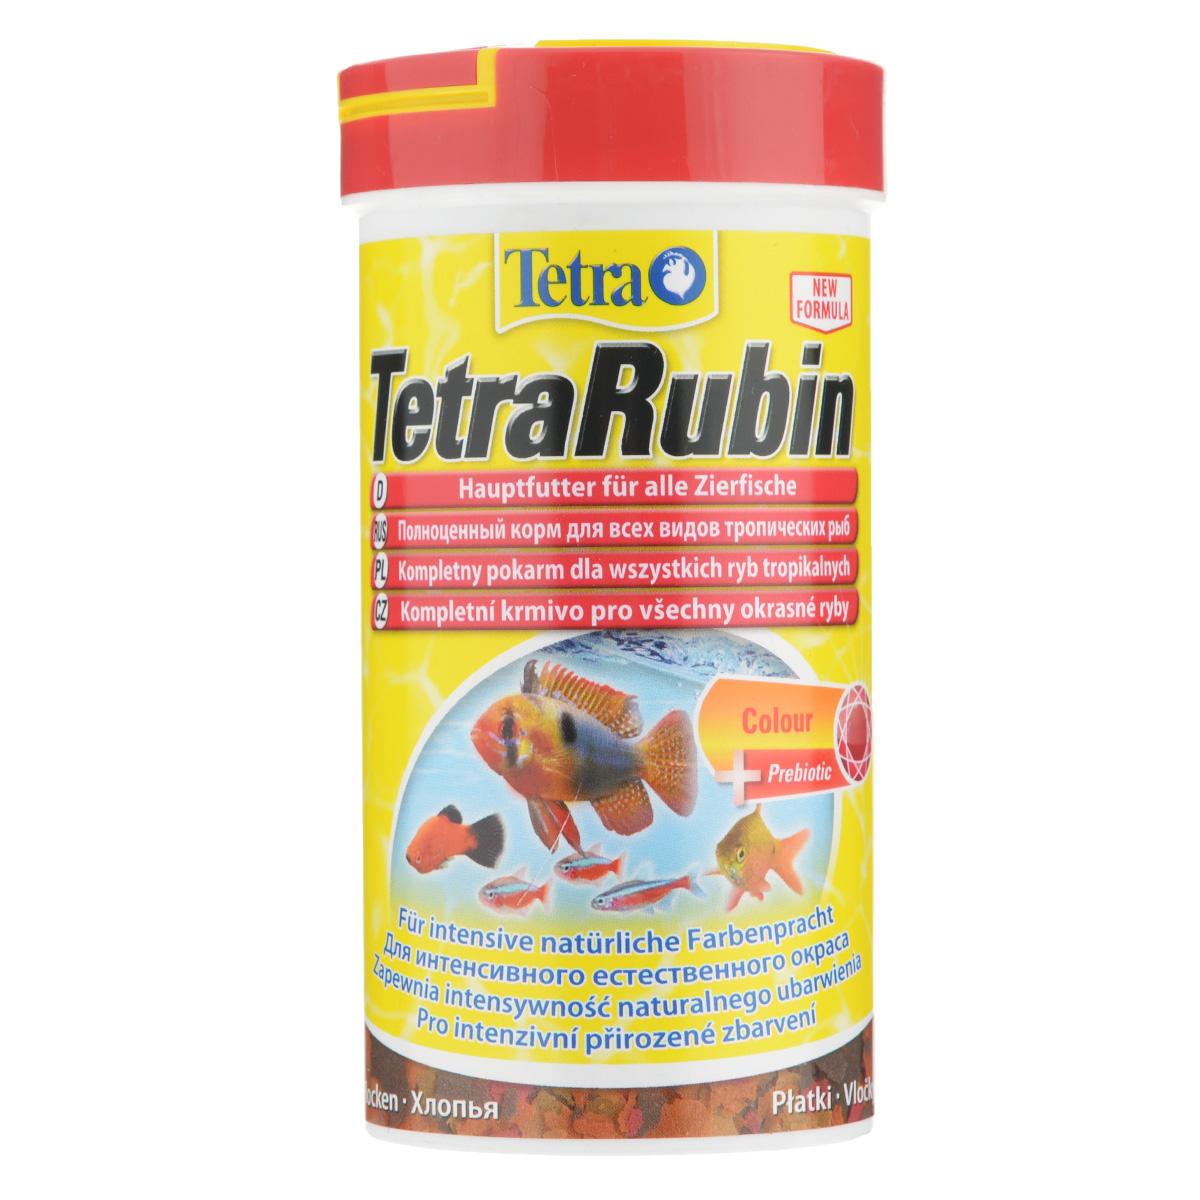 Корм TetraRubin для всех видов аквариумных тропических рыб, в виде хлопьев, 250767362Корм TetraRubin - это биологически сбалансированный корм для здоровья и красоты рыб. Превосходная смесь хлопьев со специальным комплексом усилителей цвета обеспечивает полноценное питание рыб и подходит для ежедневного кормления. Особенности TetraRubin: высокое содержание усилителей естественного цвета обеспечивает красивый окрас для всех красных, оранжевых и желтых тропических рыб. Рекомендации по кормлению: кормите несколько раз в день маленькими порциями. Характеристики: Состав: рыба и побочные рыбные продукты, экстракты растительного белка, зерновые культуры, дрожжи, моллюски и раки, водоросли, минеральные вещества, масла и жиры, сахар (Олигофруктоза 0,9%). Пищевая ценность: сырой белок - 46%, сырые масла и жиры - 11%, сырая клетчатка - 2%, влага - 6%. Добавки: витамины, провитамины и химические вещества с аналогичным воздействием: витамин А 40820 МЕ/кг, витамин Д3 2320 МЕ/кг....